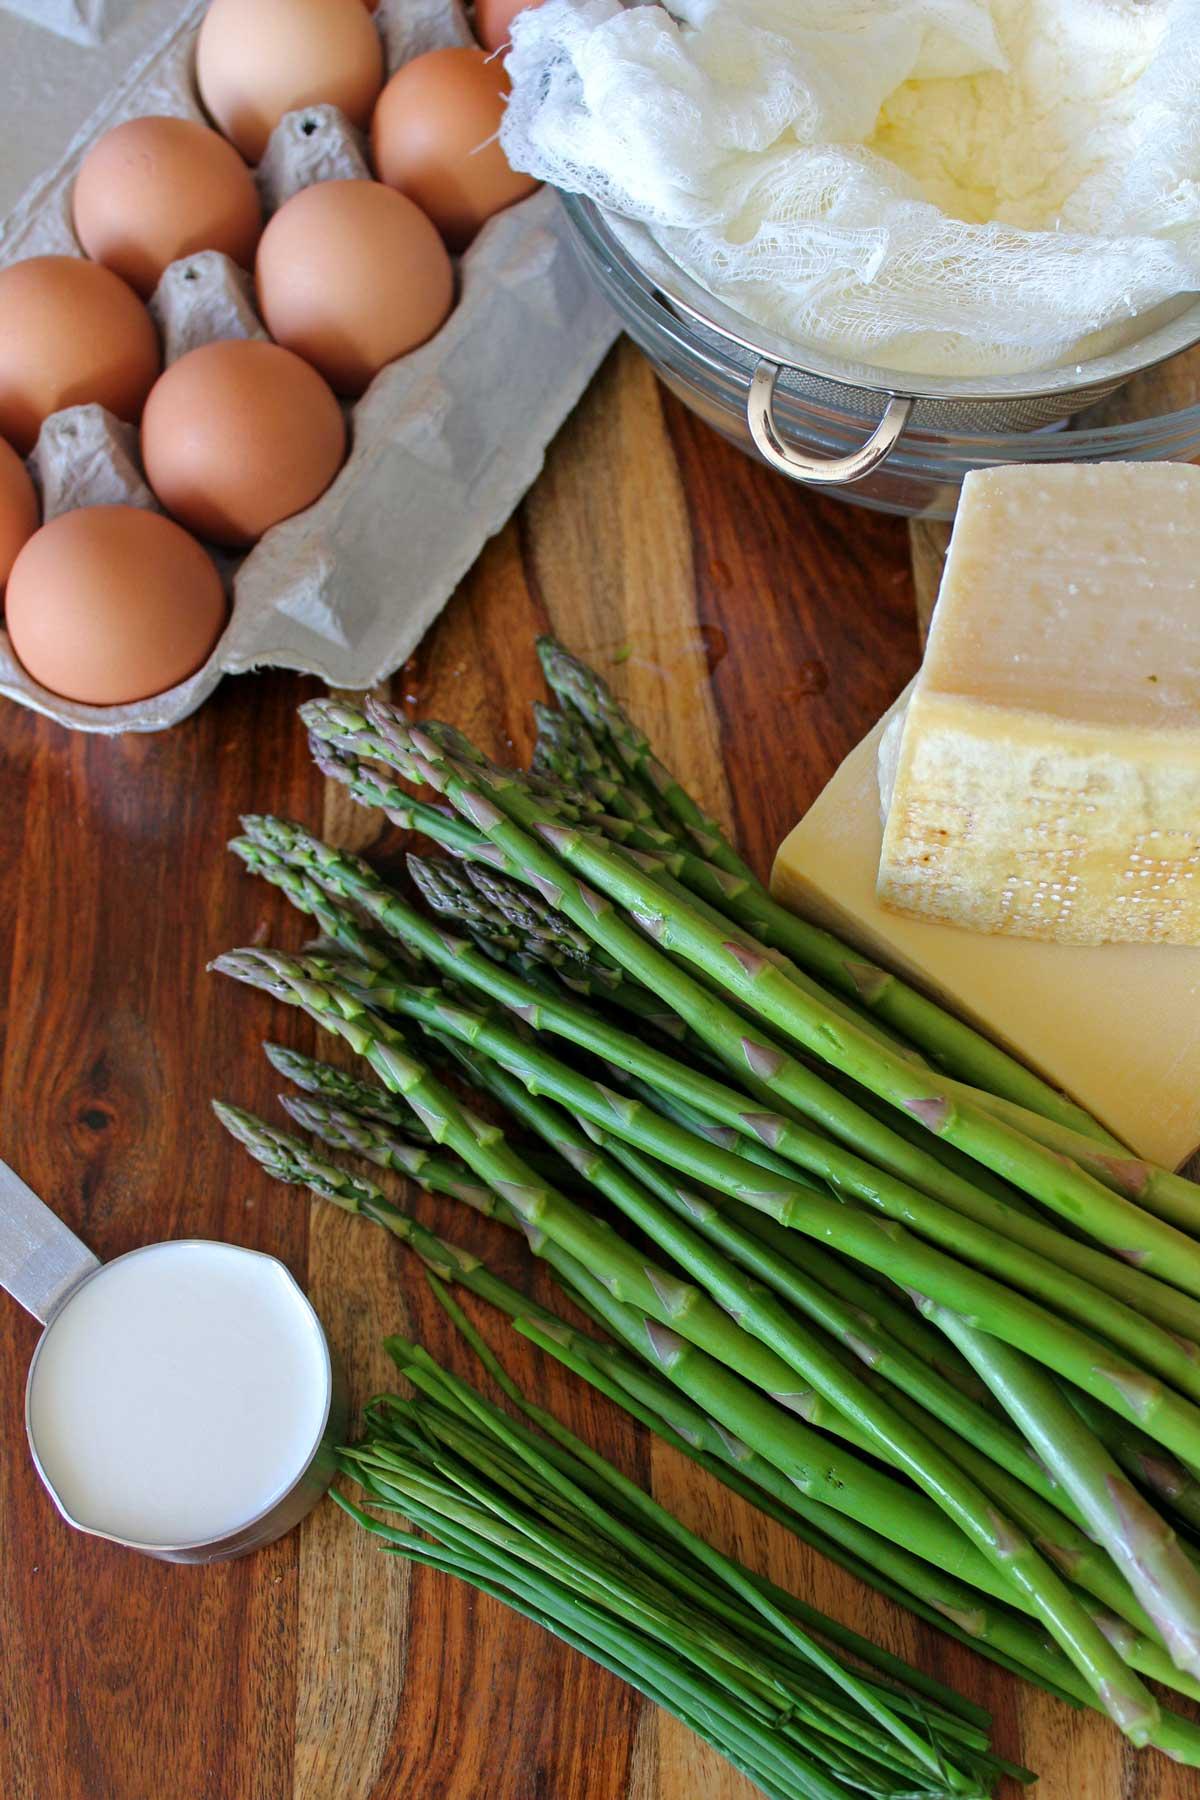 ingredients to make quiche